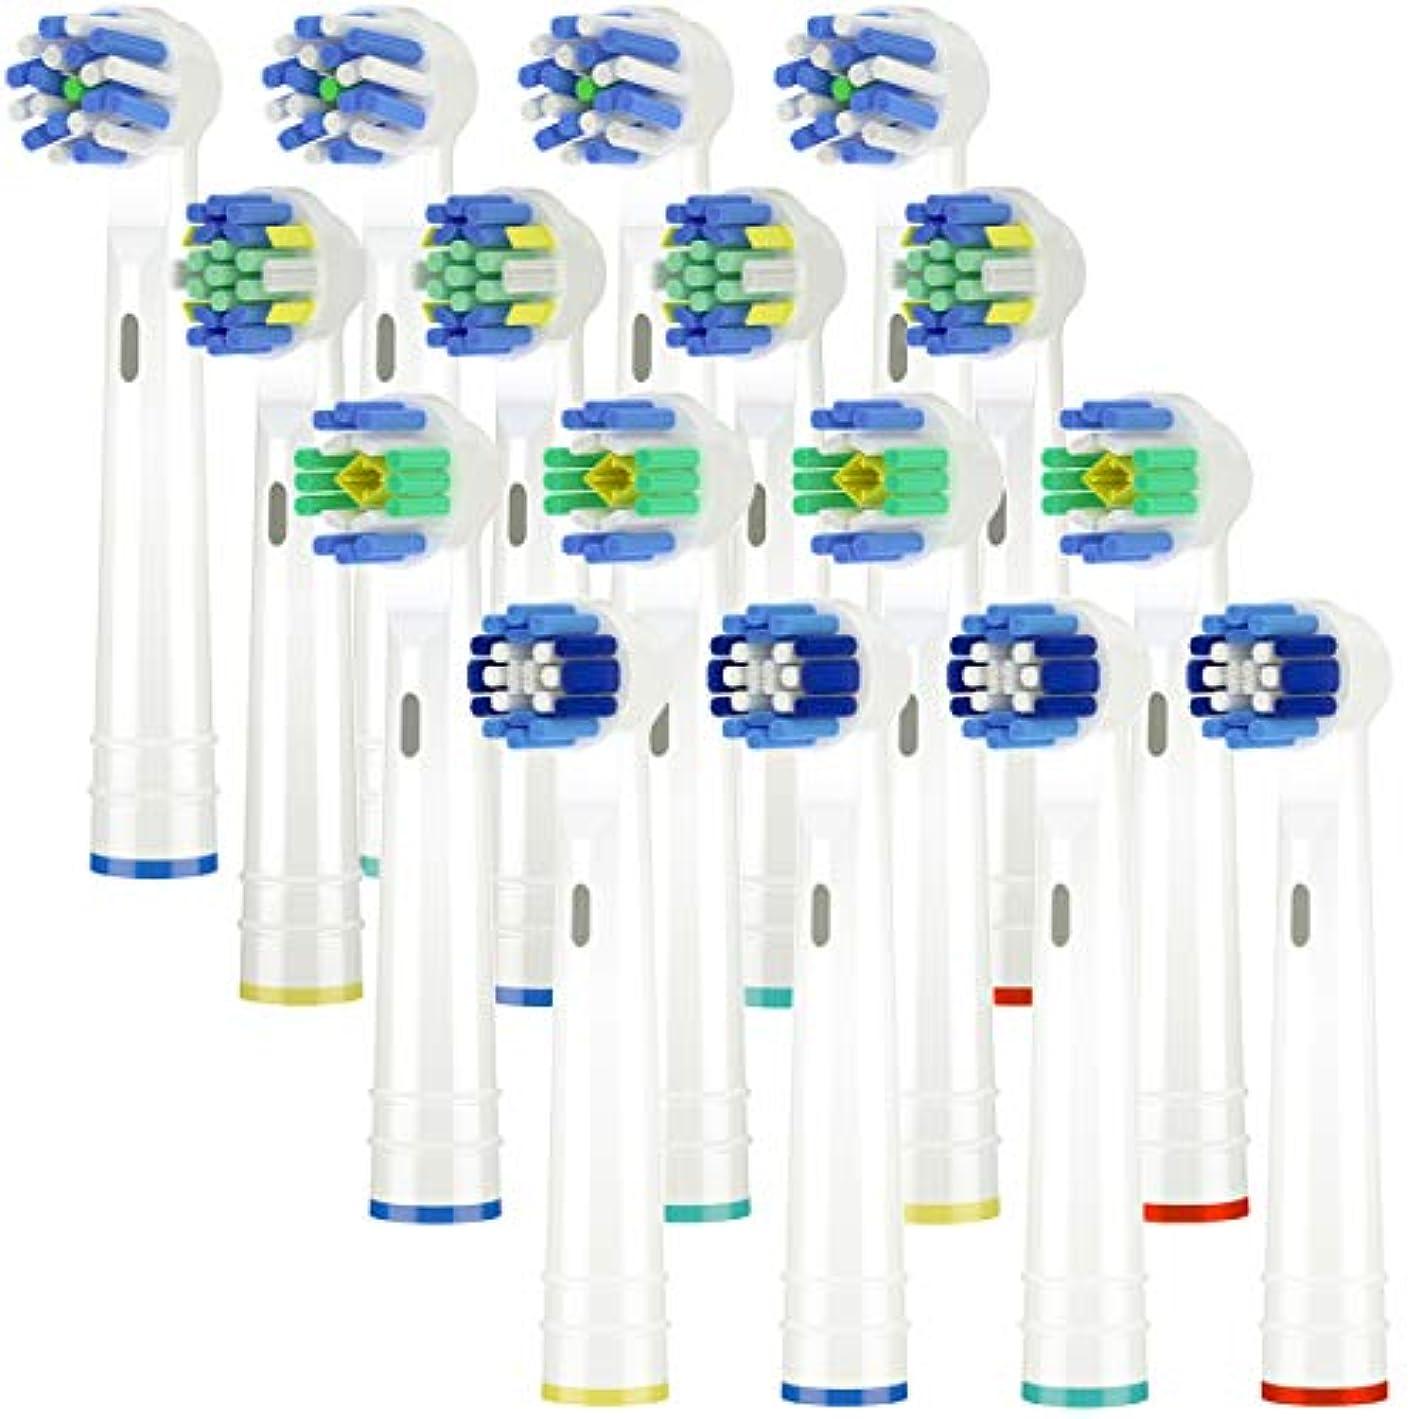 石膏ルーチンモチーフItechnik 電動歯ブラシ 替えブラシ ブラウン オーラルB 対応 替えブラシ 4種類が入り:ホワイトニングブラシ 、ベーシックブラシ、歯間ワイパー付きブラシ、マルチアクションブラシ 凡用な16本